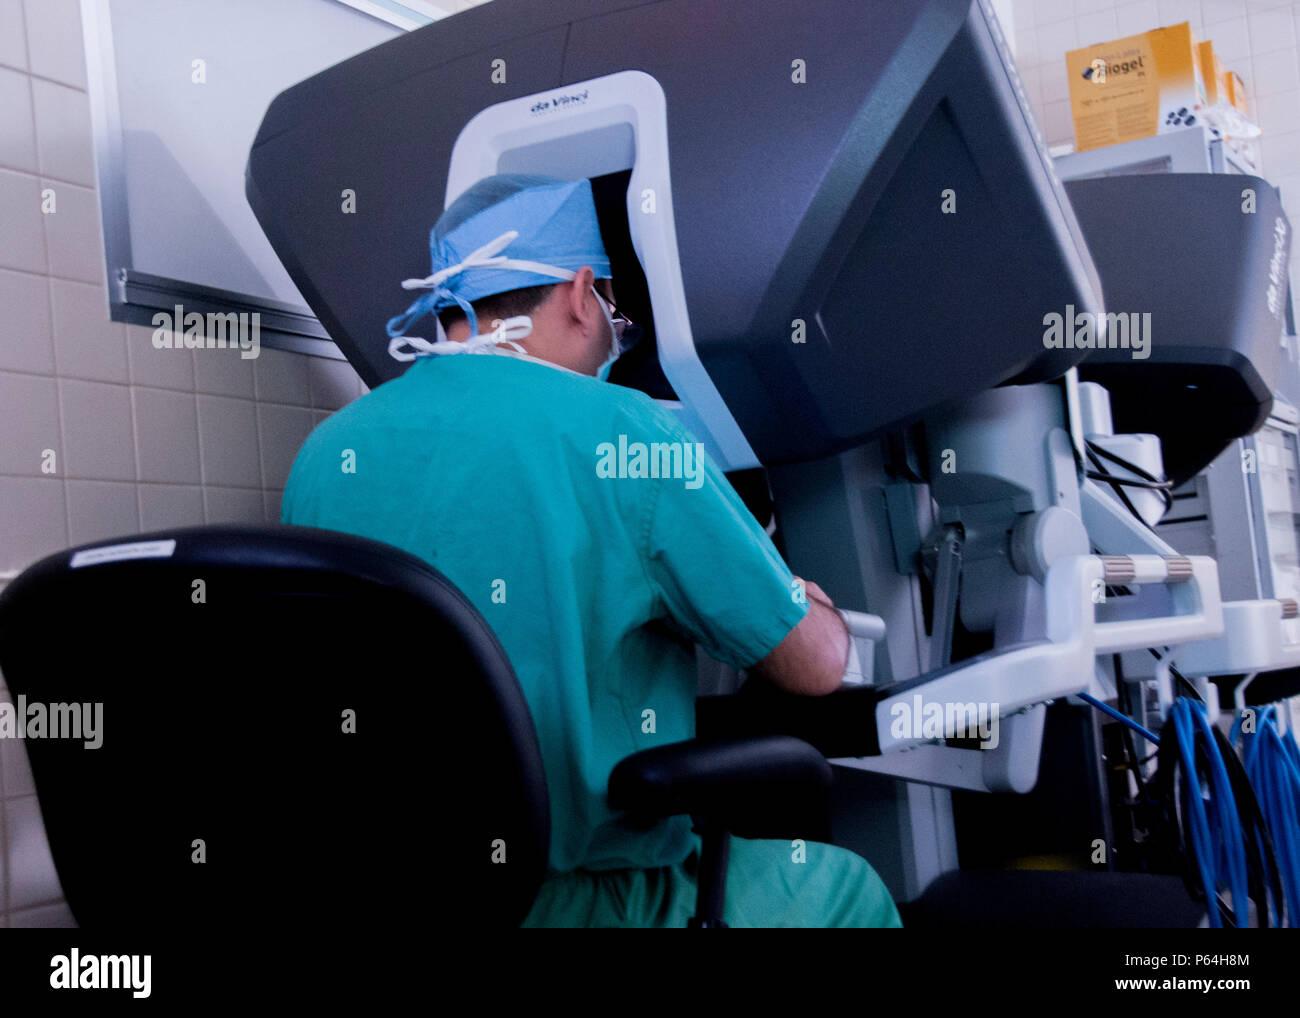 El Dr. Samuel Cancel-Rivera, un obstetra/ginecólogo médico mira a través de un sistema de imagen 3D mientras opera a un paciente utilizando la última state-of-the-art Robotic Surgical System en el William Beaumont Army Medical Center, el 2 de mayo. El cirujano-manipulado sistema permite a los cirujanos operar con la articulación de instrumentos que se doblan y giran mucho mayor que la muñeca humana a través de una incisión más pequeña que un centímetro.William Beaumont Army Medical Center realizó la primera cirugía robótica en el Departamento de Defensa utilizando el sistema quirúrgico. Foto de stock